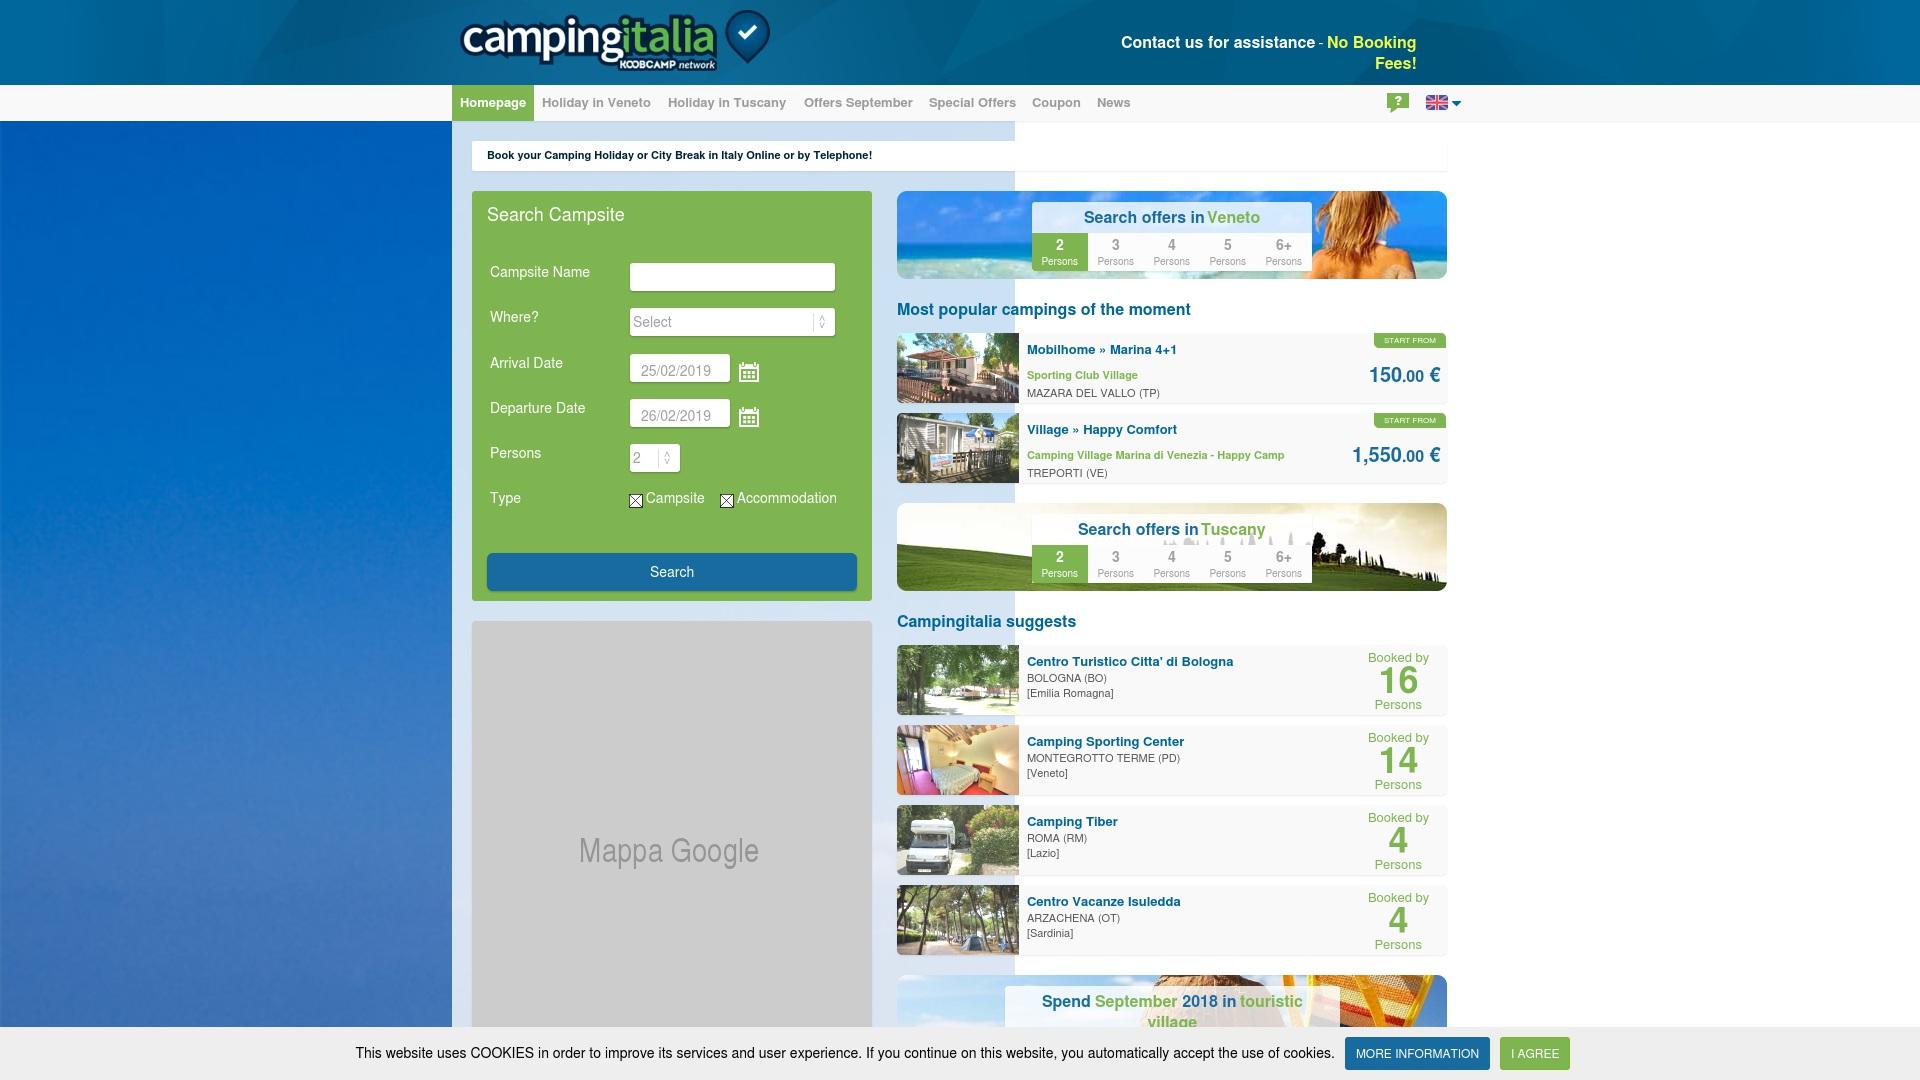 Gutschein für Campingitalia: Rabatte für  Campingitalia sichern